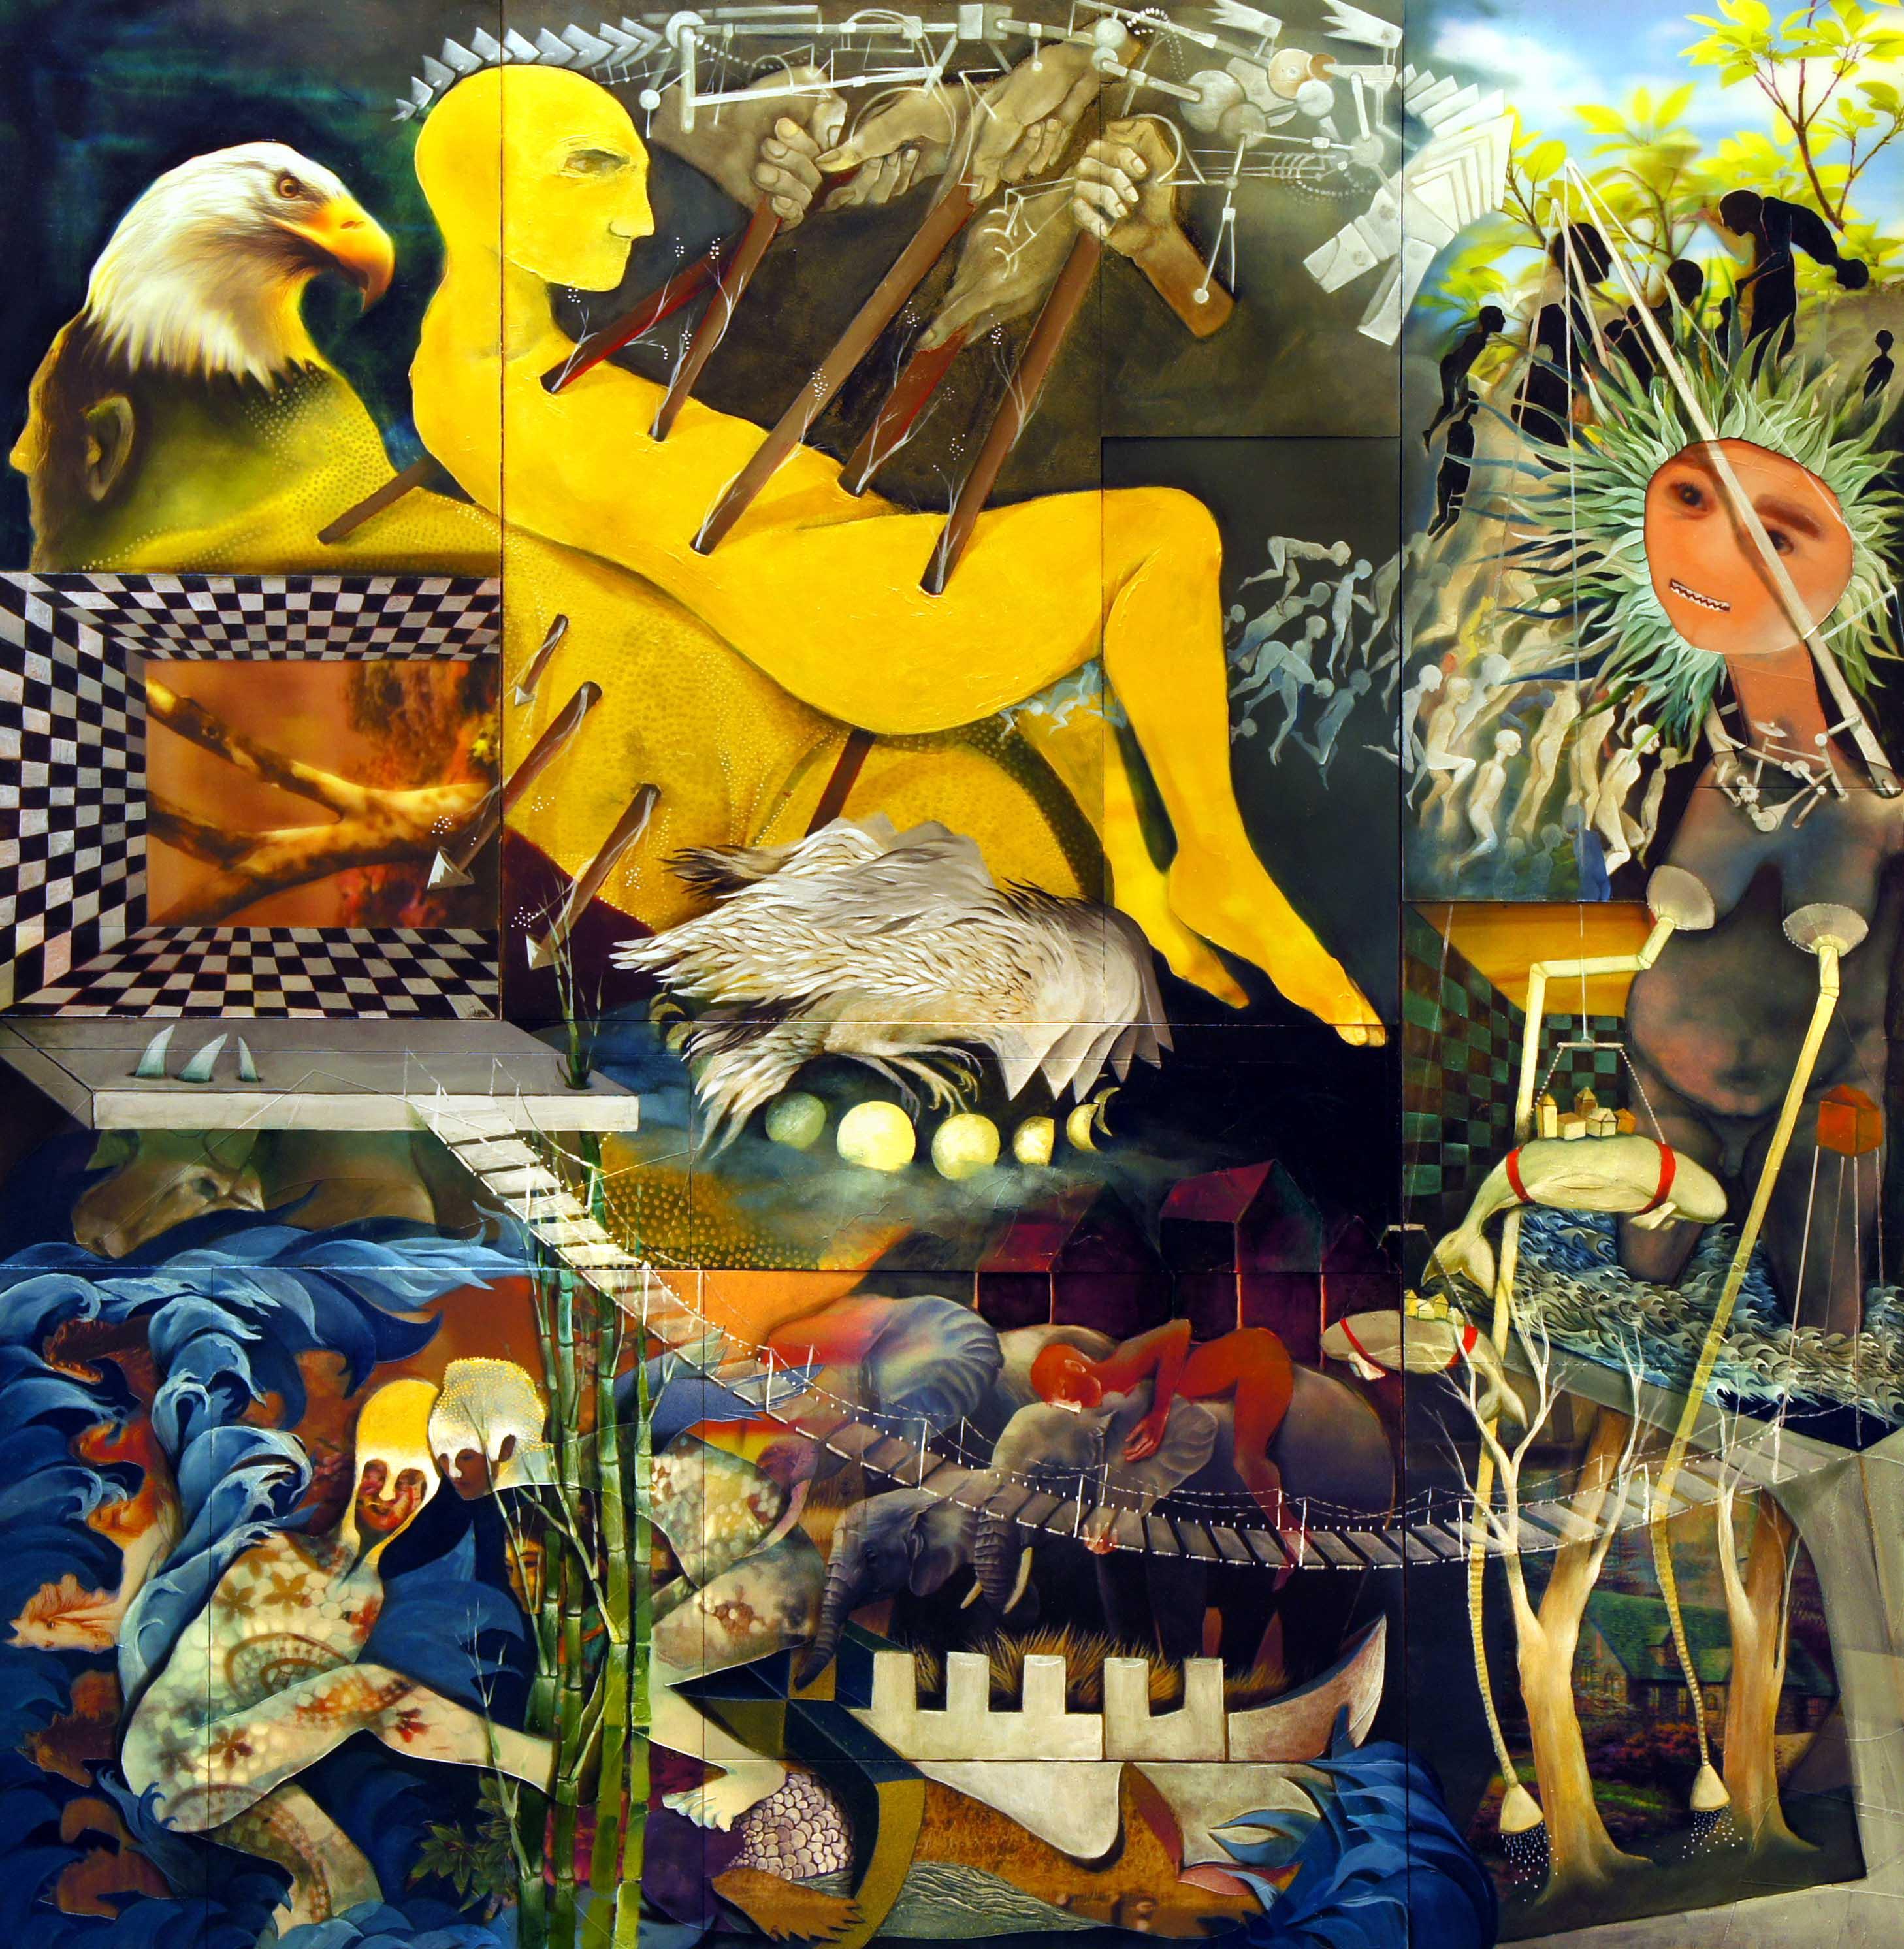 پرسه های وارونه - نمایشگاه الهیار نجفی گالری آران (مینا فشنگچی)